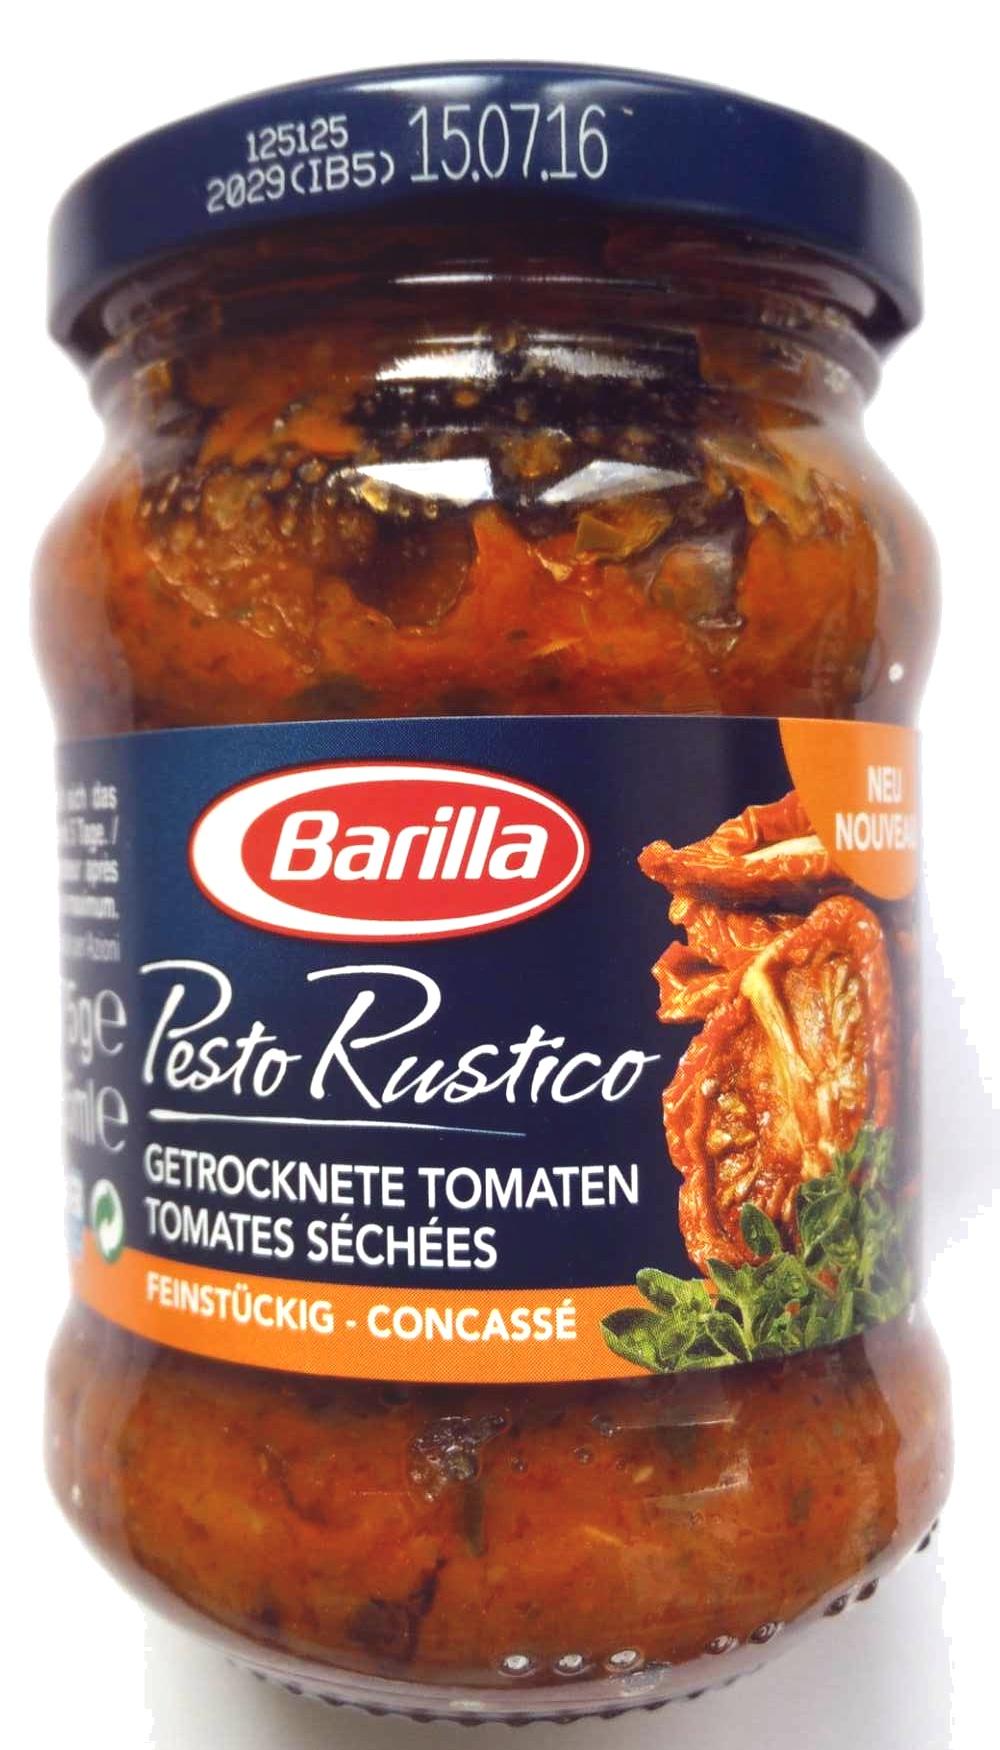 Pesto Rustico Tomates séchées concassé - Product